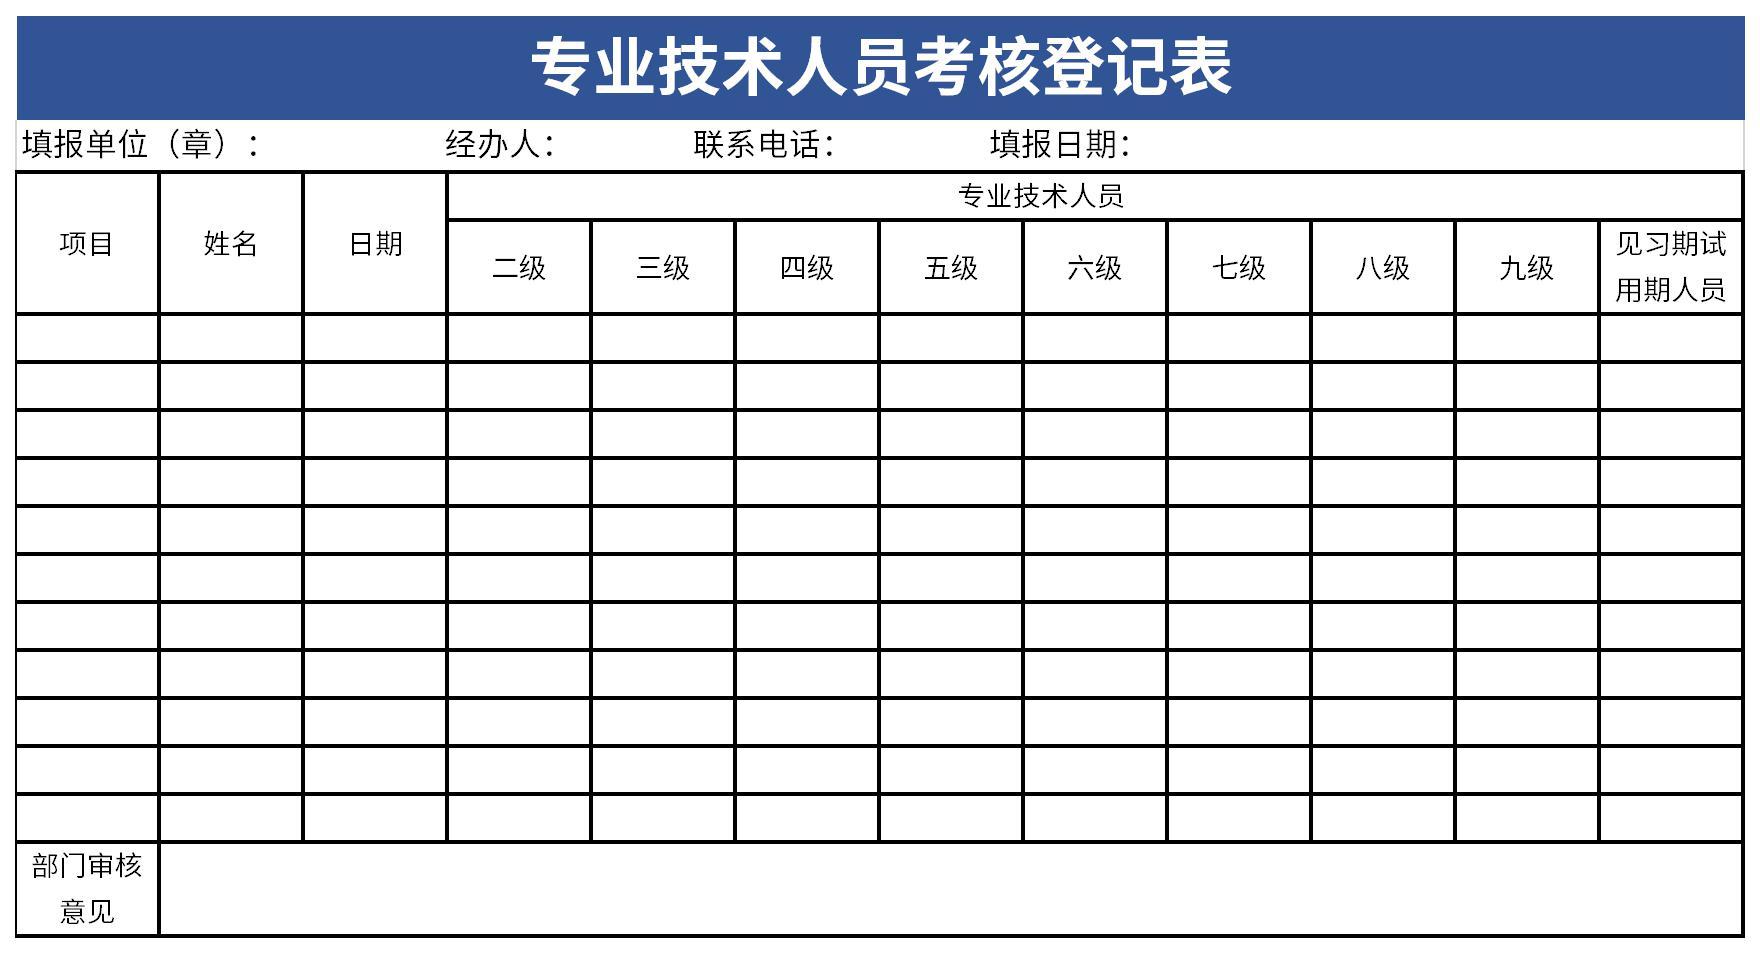 专业技术人员考核登记表截图